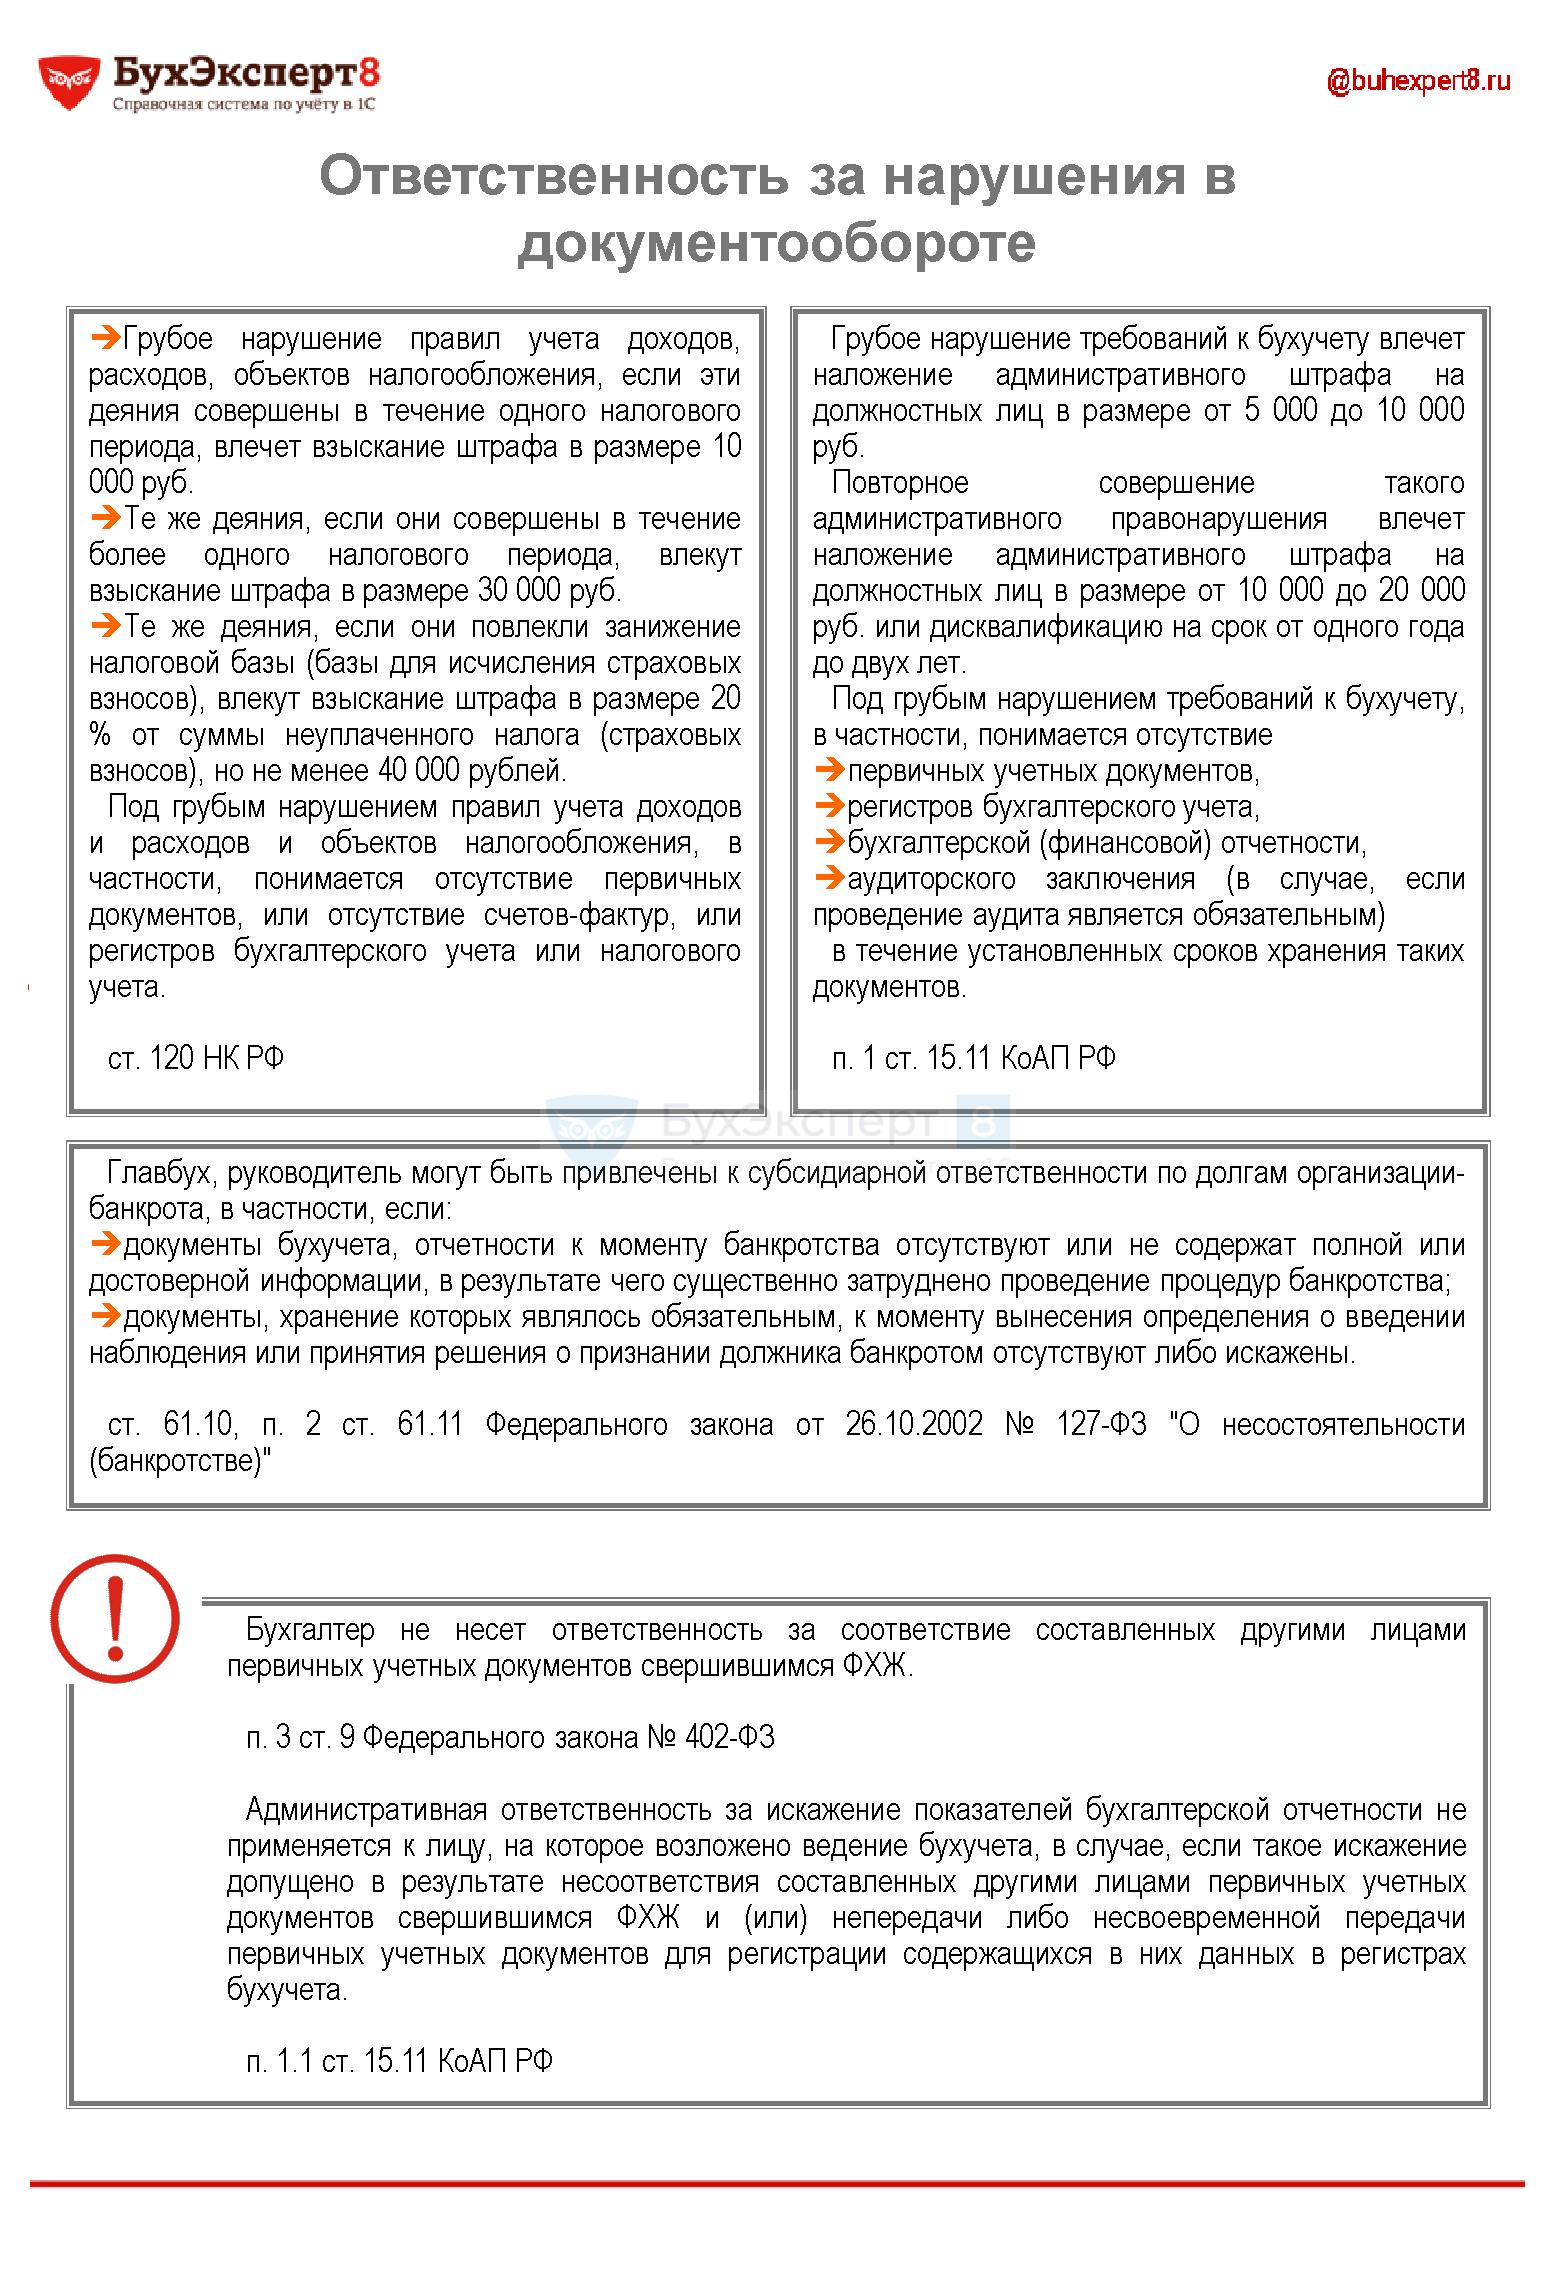 П4 ст 317 коап рф